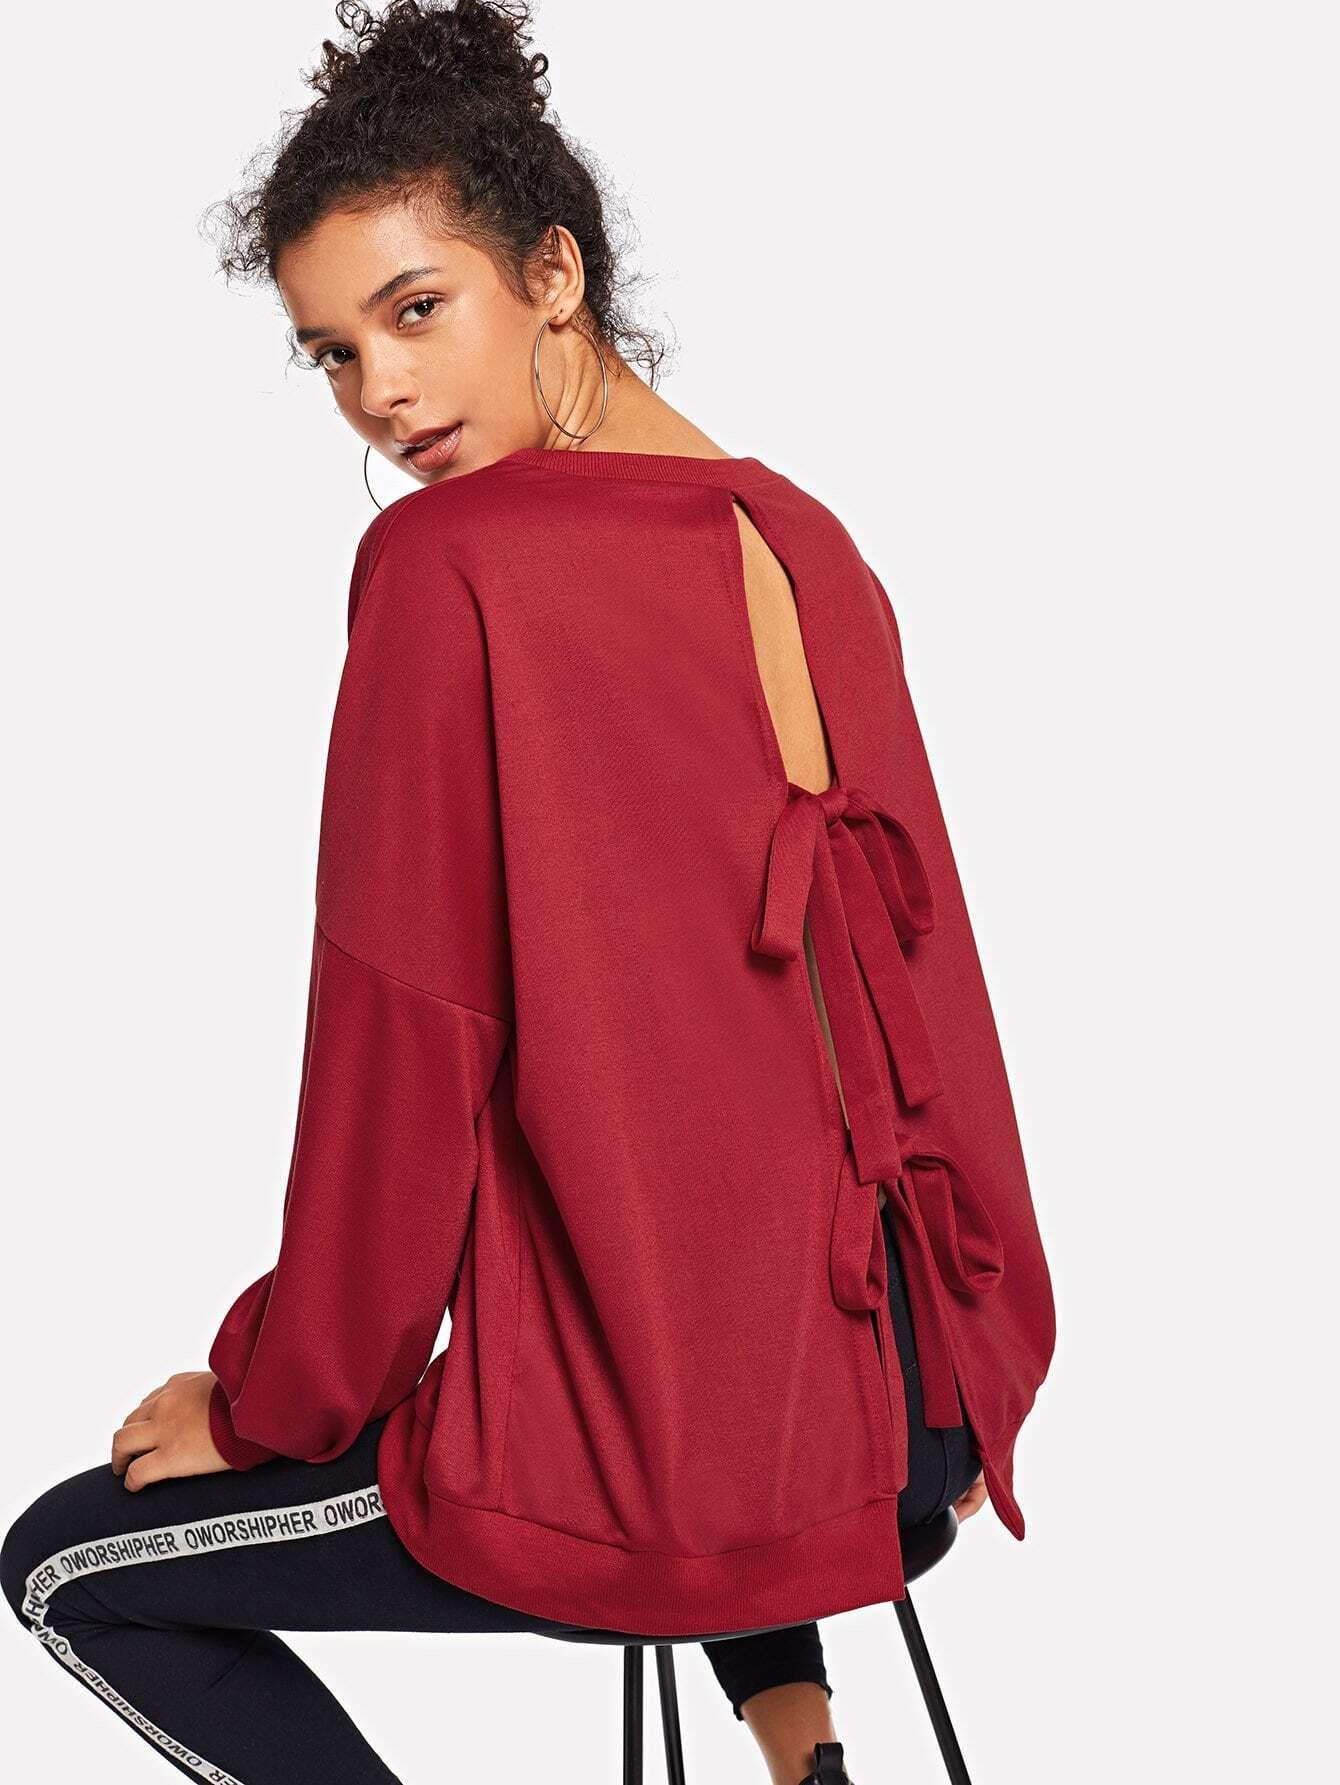 Sweatshirt mit sehr tief angesetzter Schulterpartie und Knoten hinten